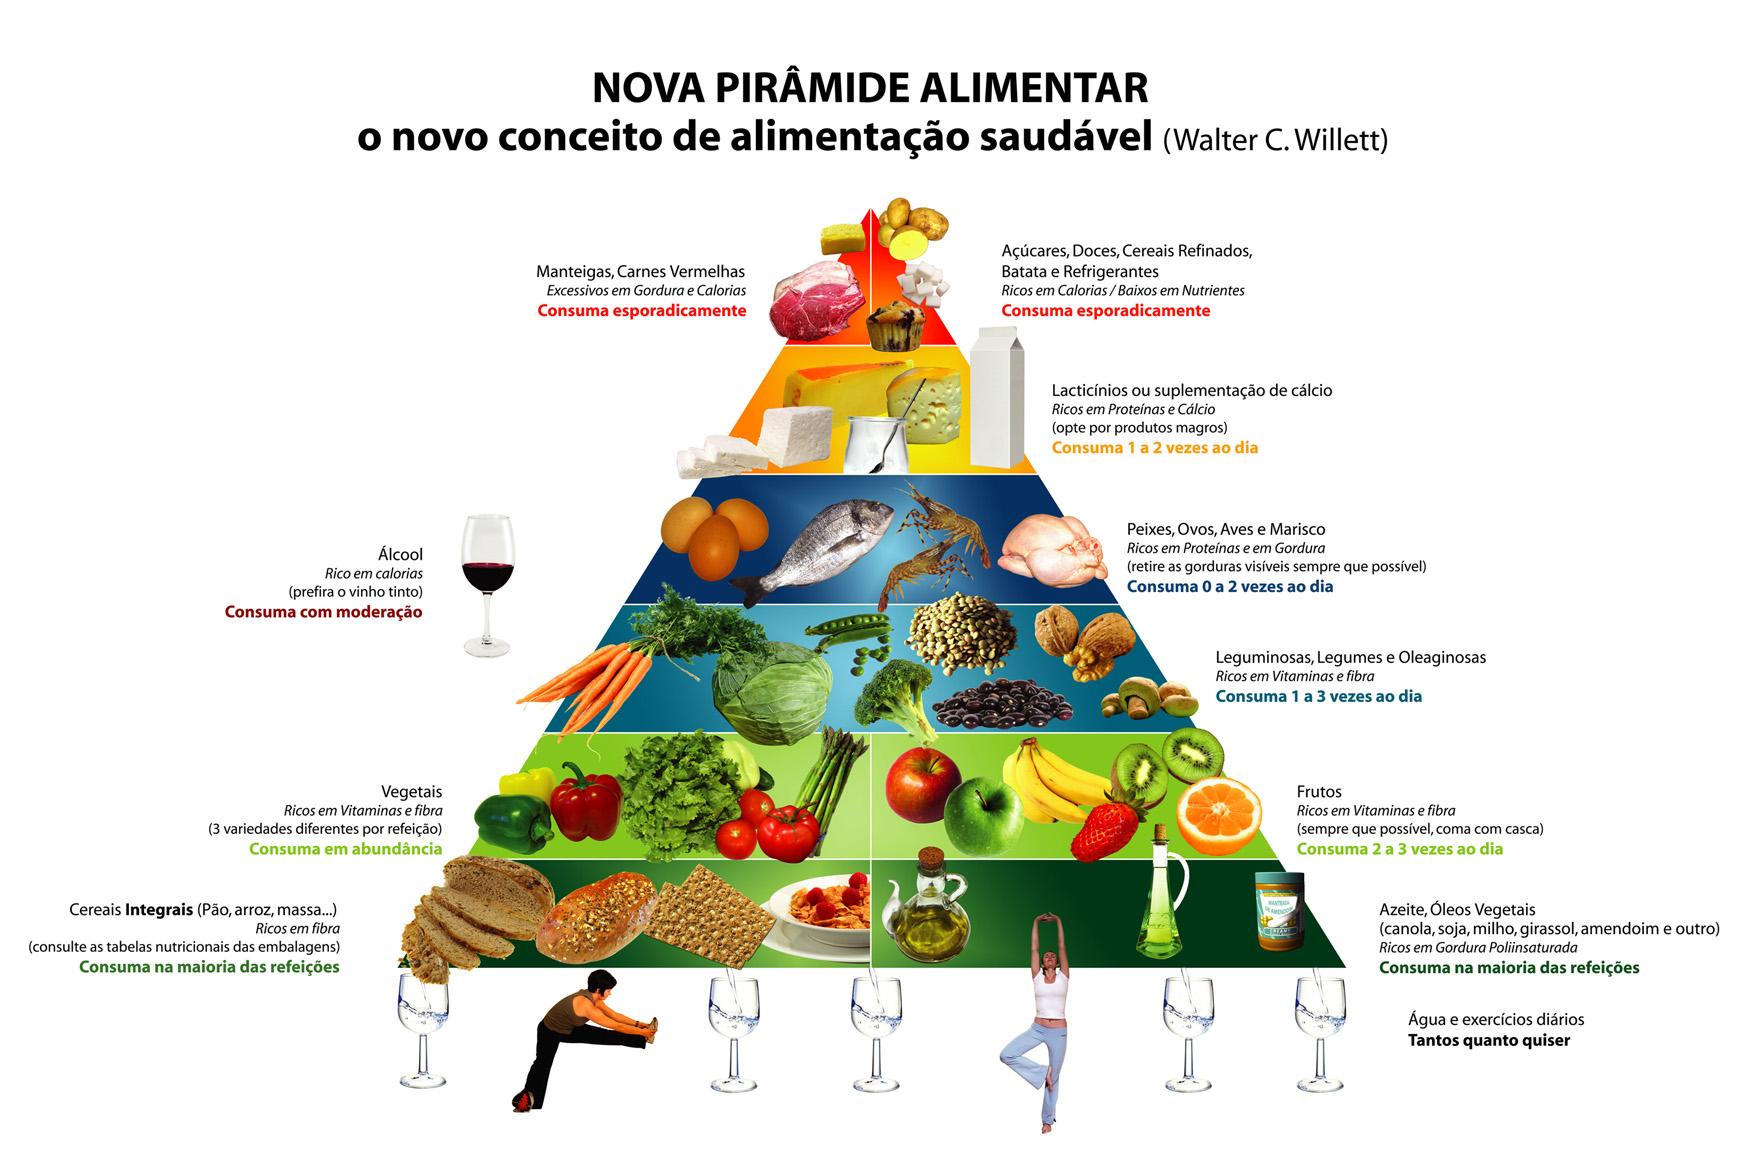 Tabela de alimentação saudável